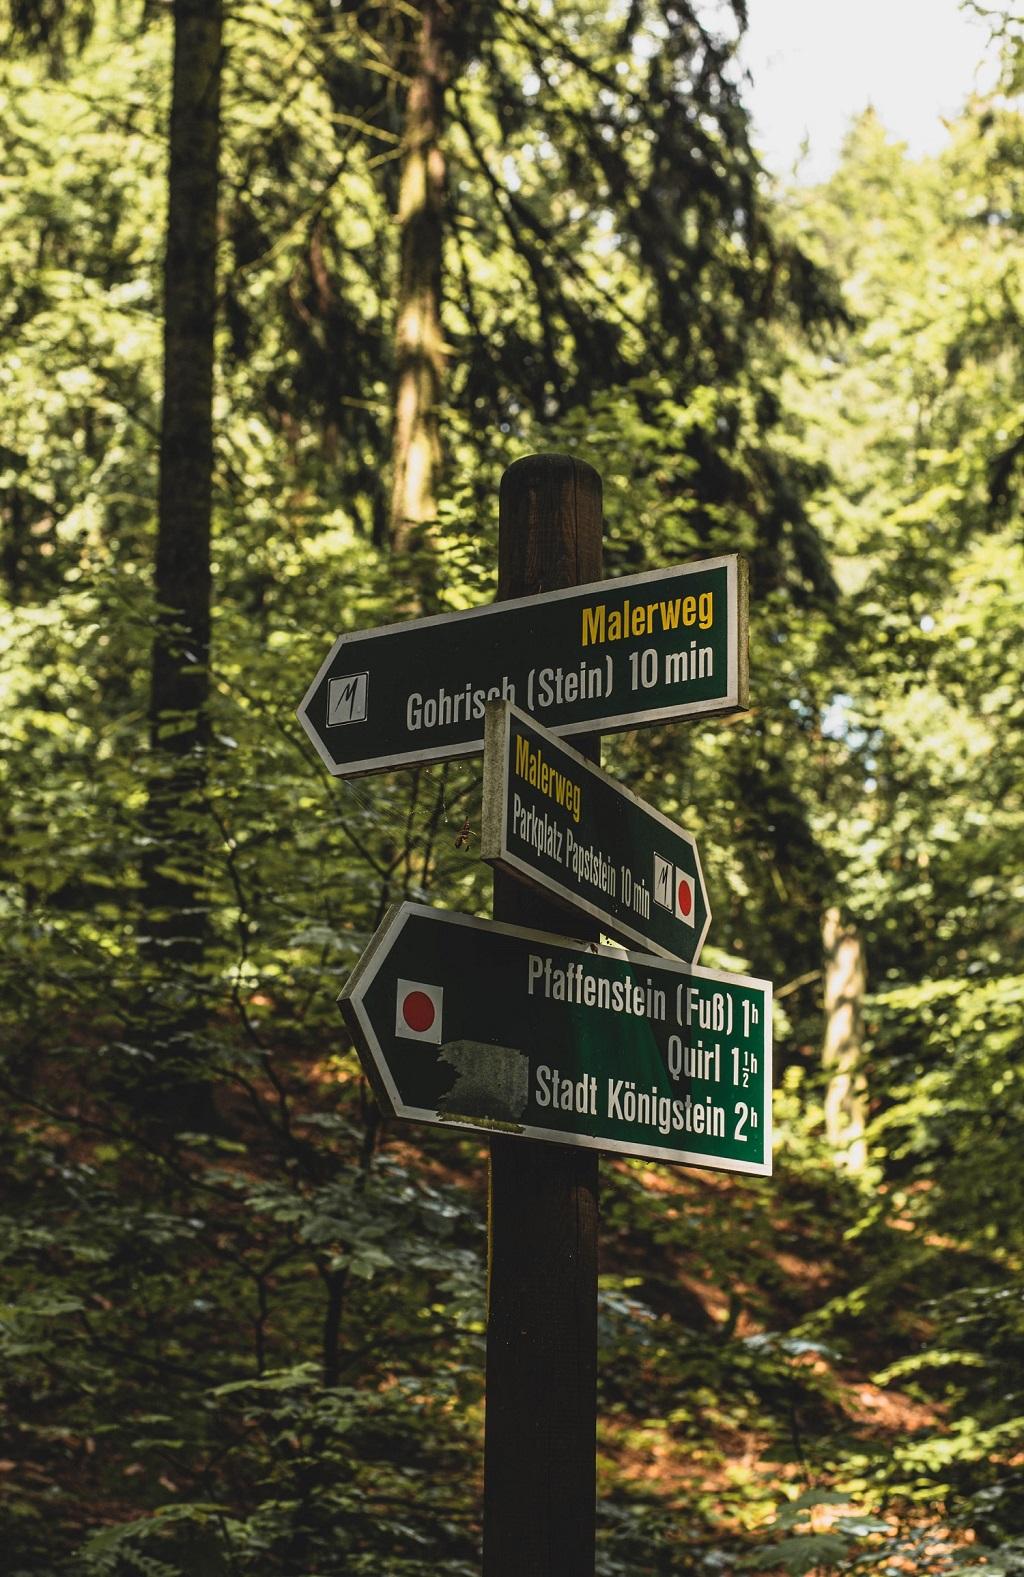 Schilder Malerweg